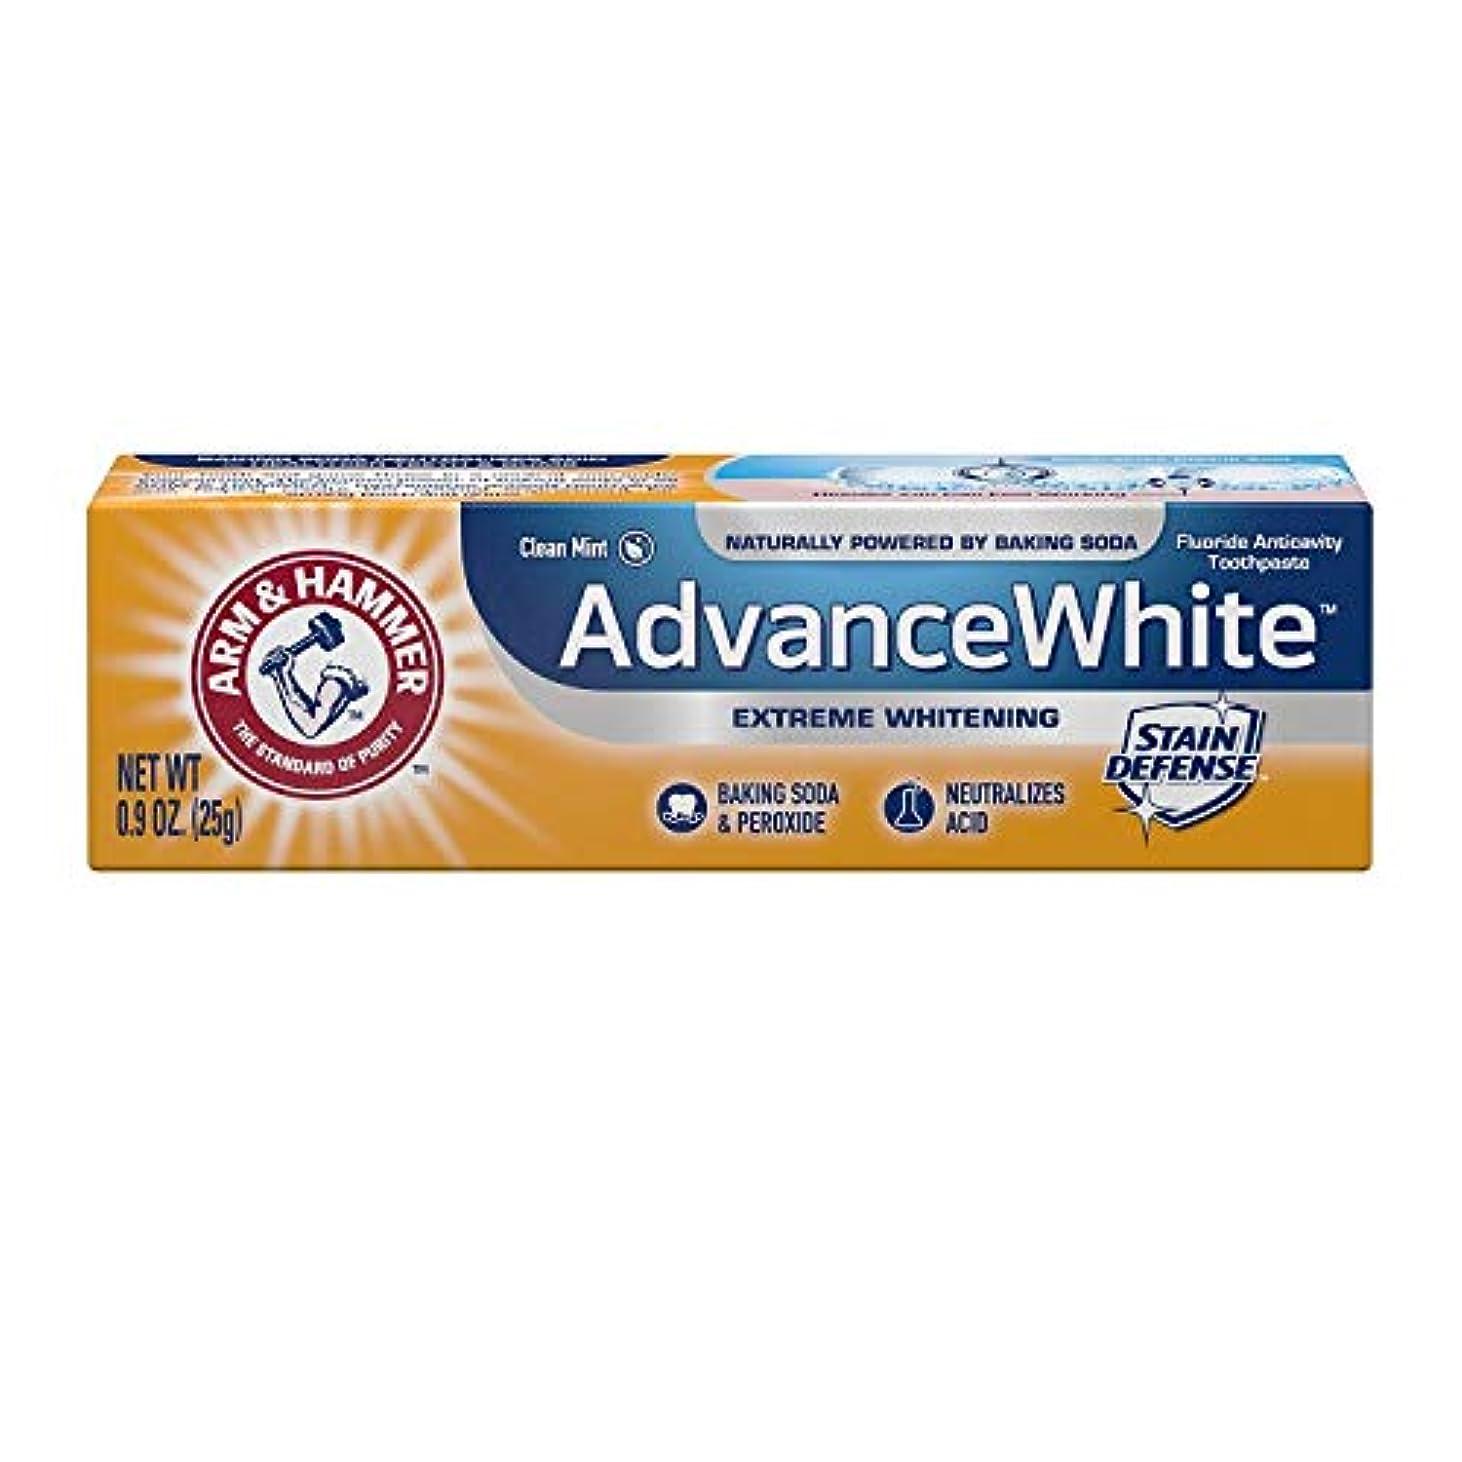 報酬の変化農夫Arm & Hammer Advance White Extreme Whitening with Stain Defense Baking Soda & Peroxide Toothpaste - 4.3 oz by Church & Dwight